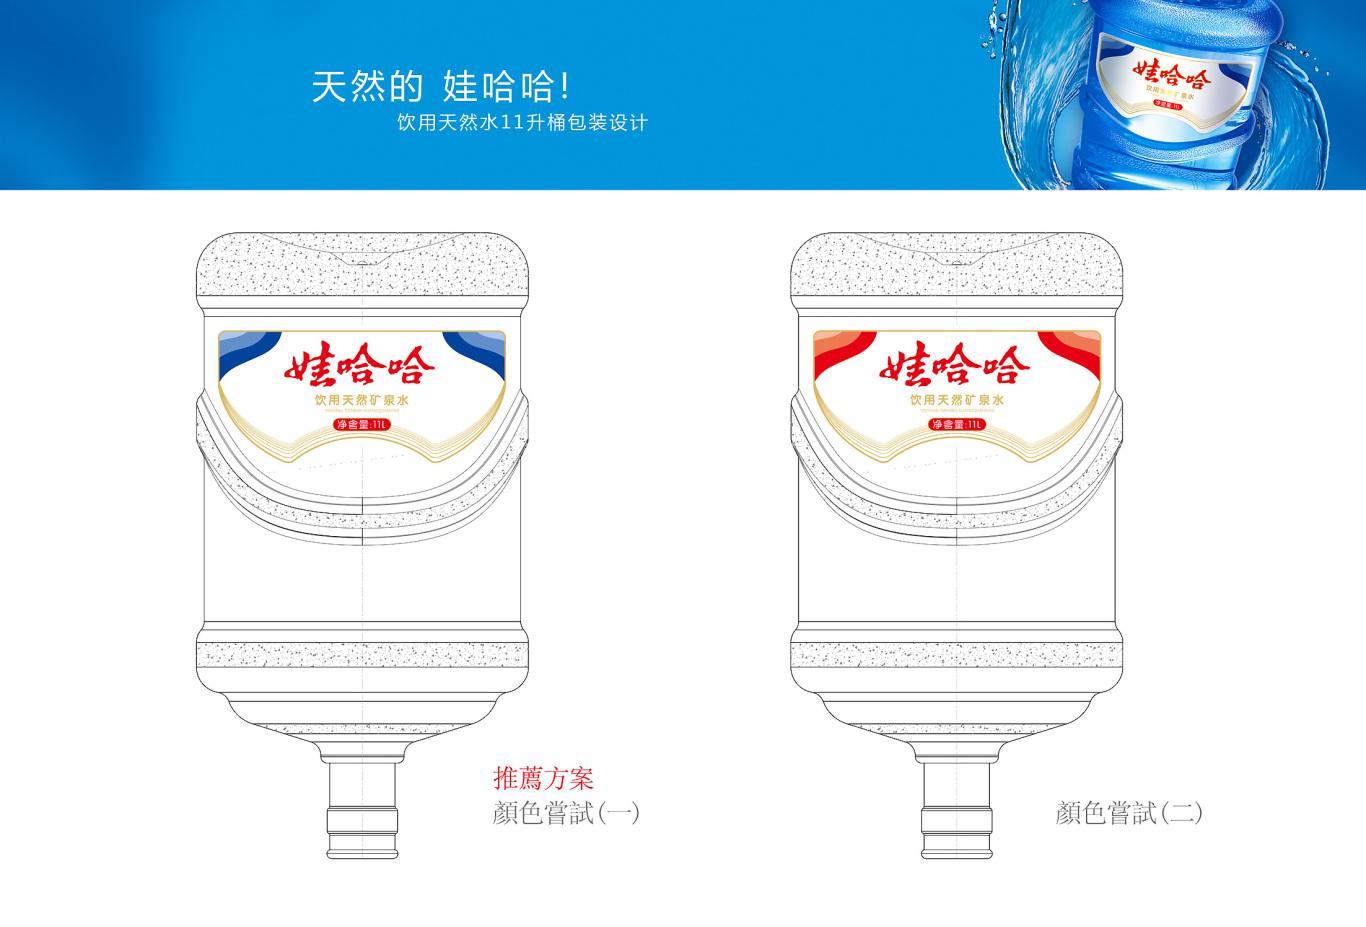 娃哈哈桶装水包装设计图3